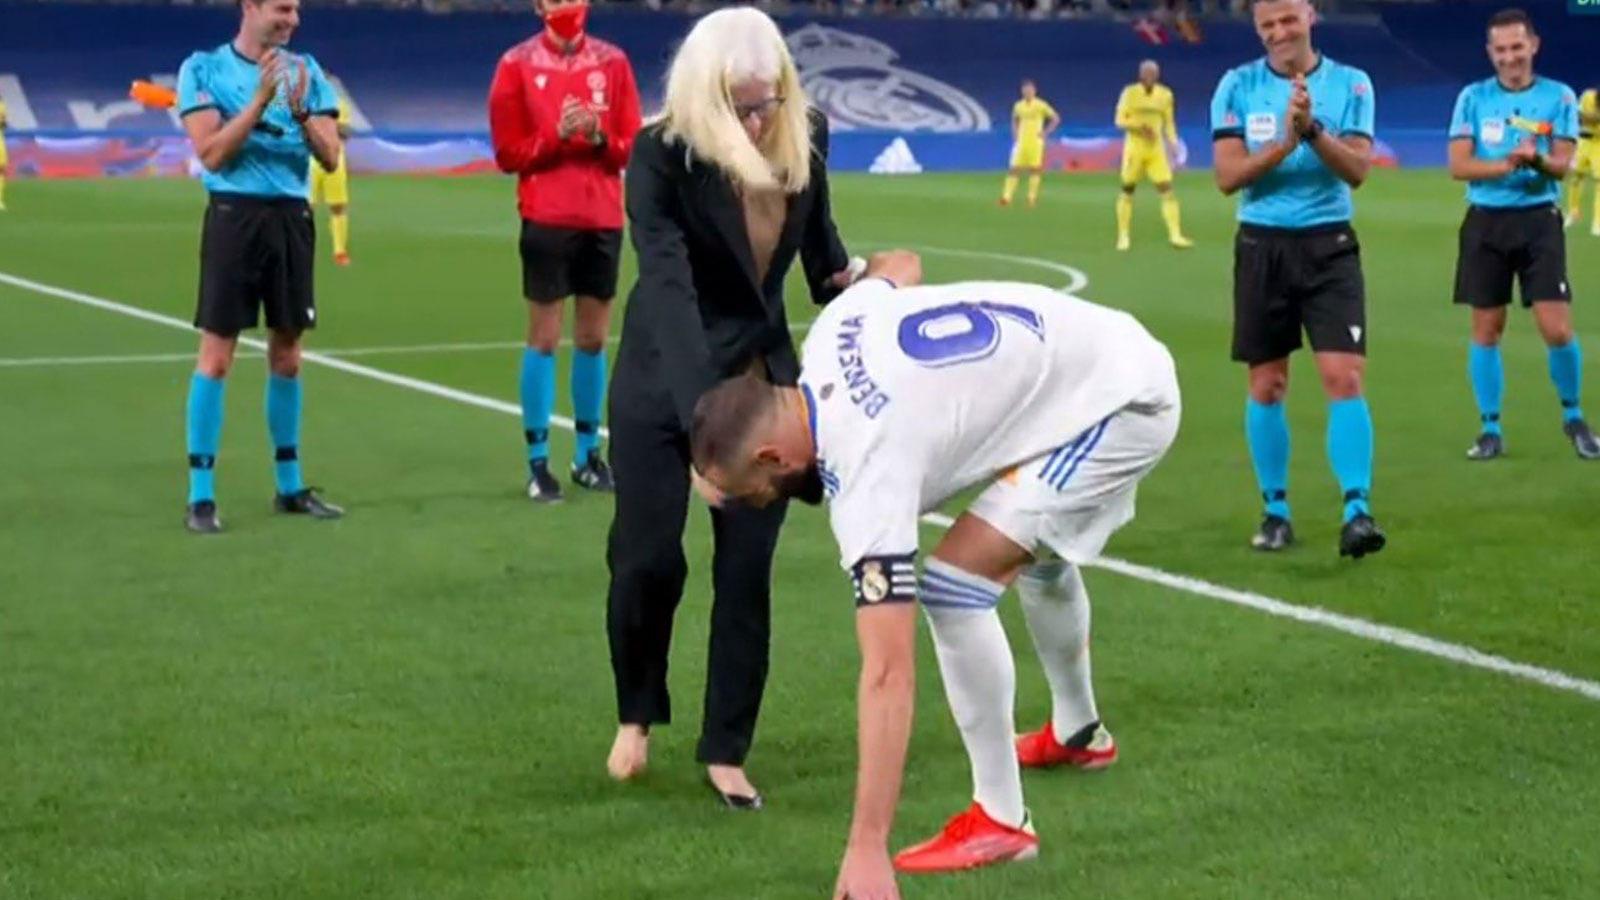 بالفيديو|| لفتةٌ إنسانية رائعة من كريم بنزيما.. ومحمد صلاح يدخل التاريخ بعد مباراةٍ مجنونة